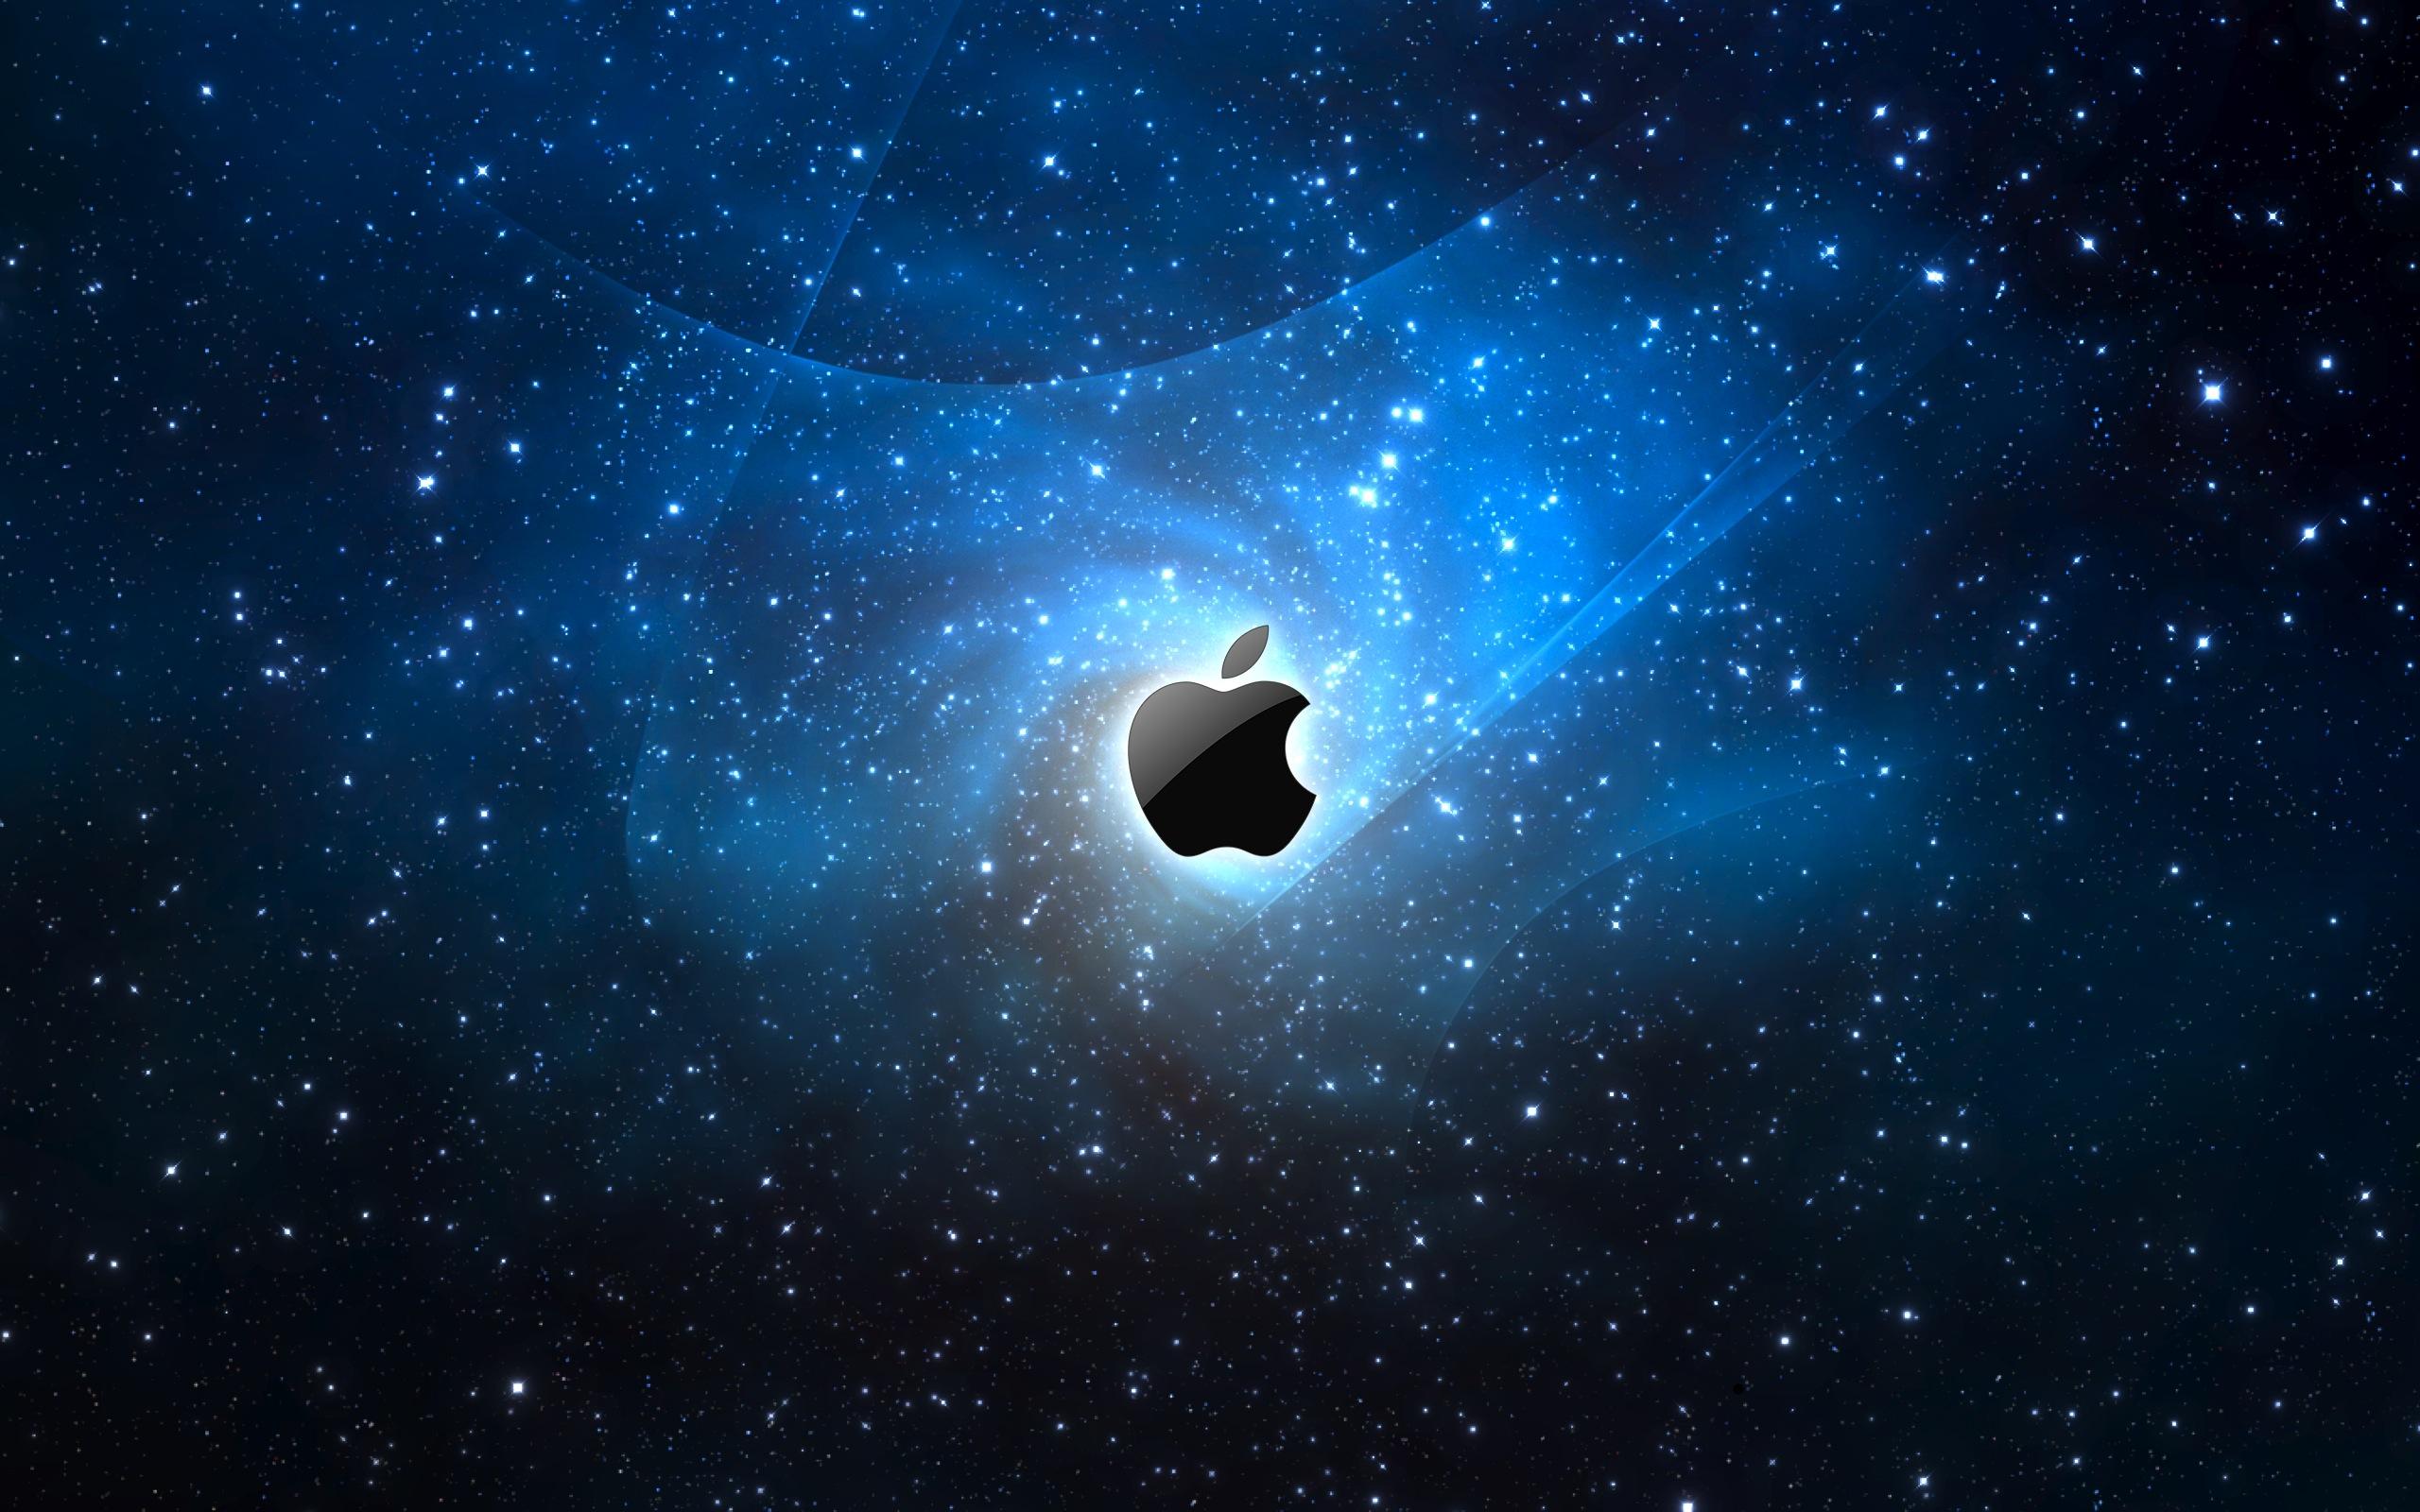 2560x1600 Space Apple logo desktop PC and Mac wallpaper 2560x1600